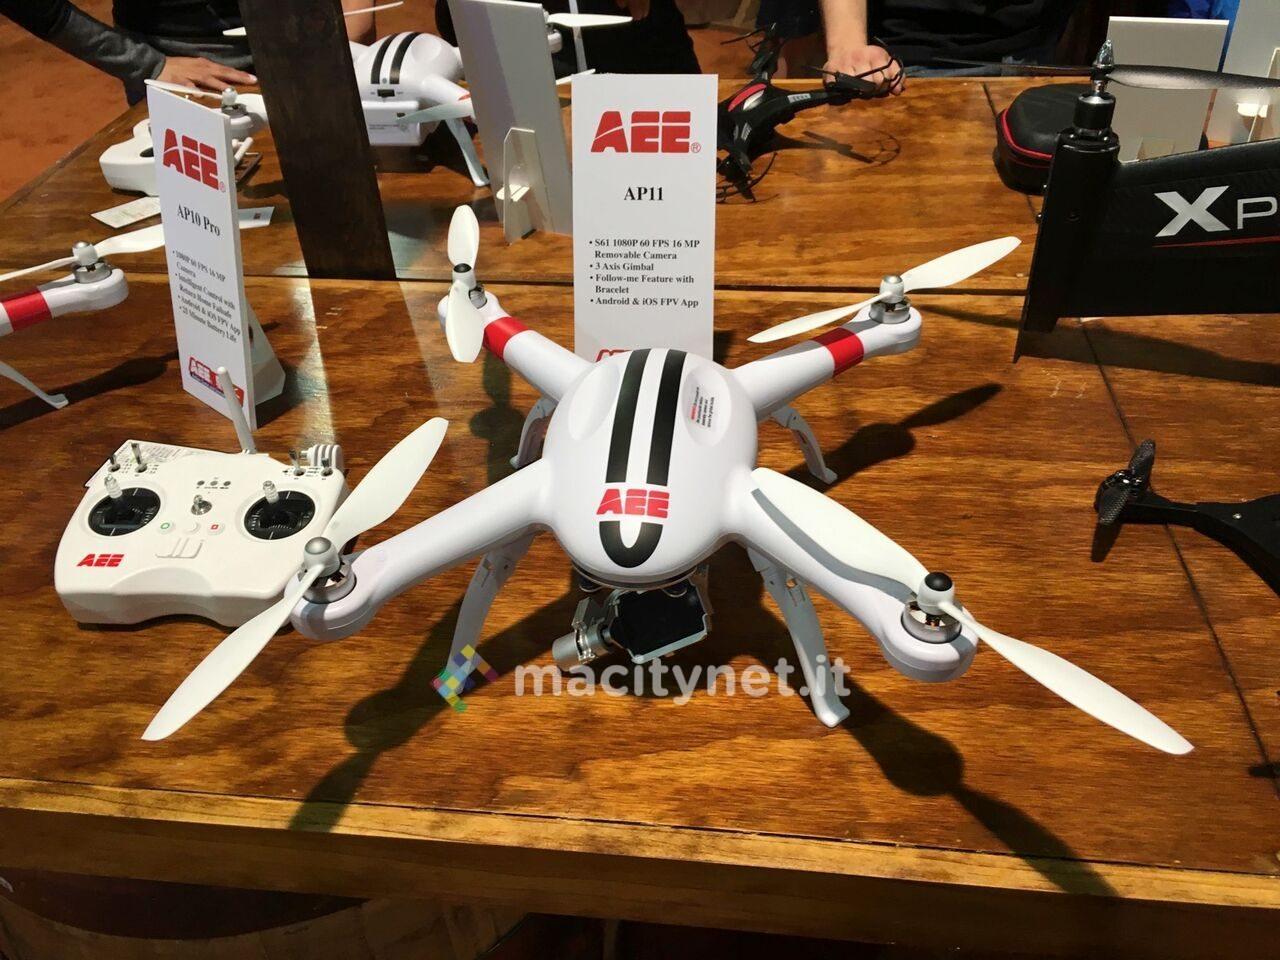 Al CES 2016 AEE prova a sfidare DJI con i nuovi droni AP12 e A20